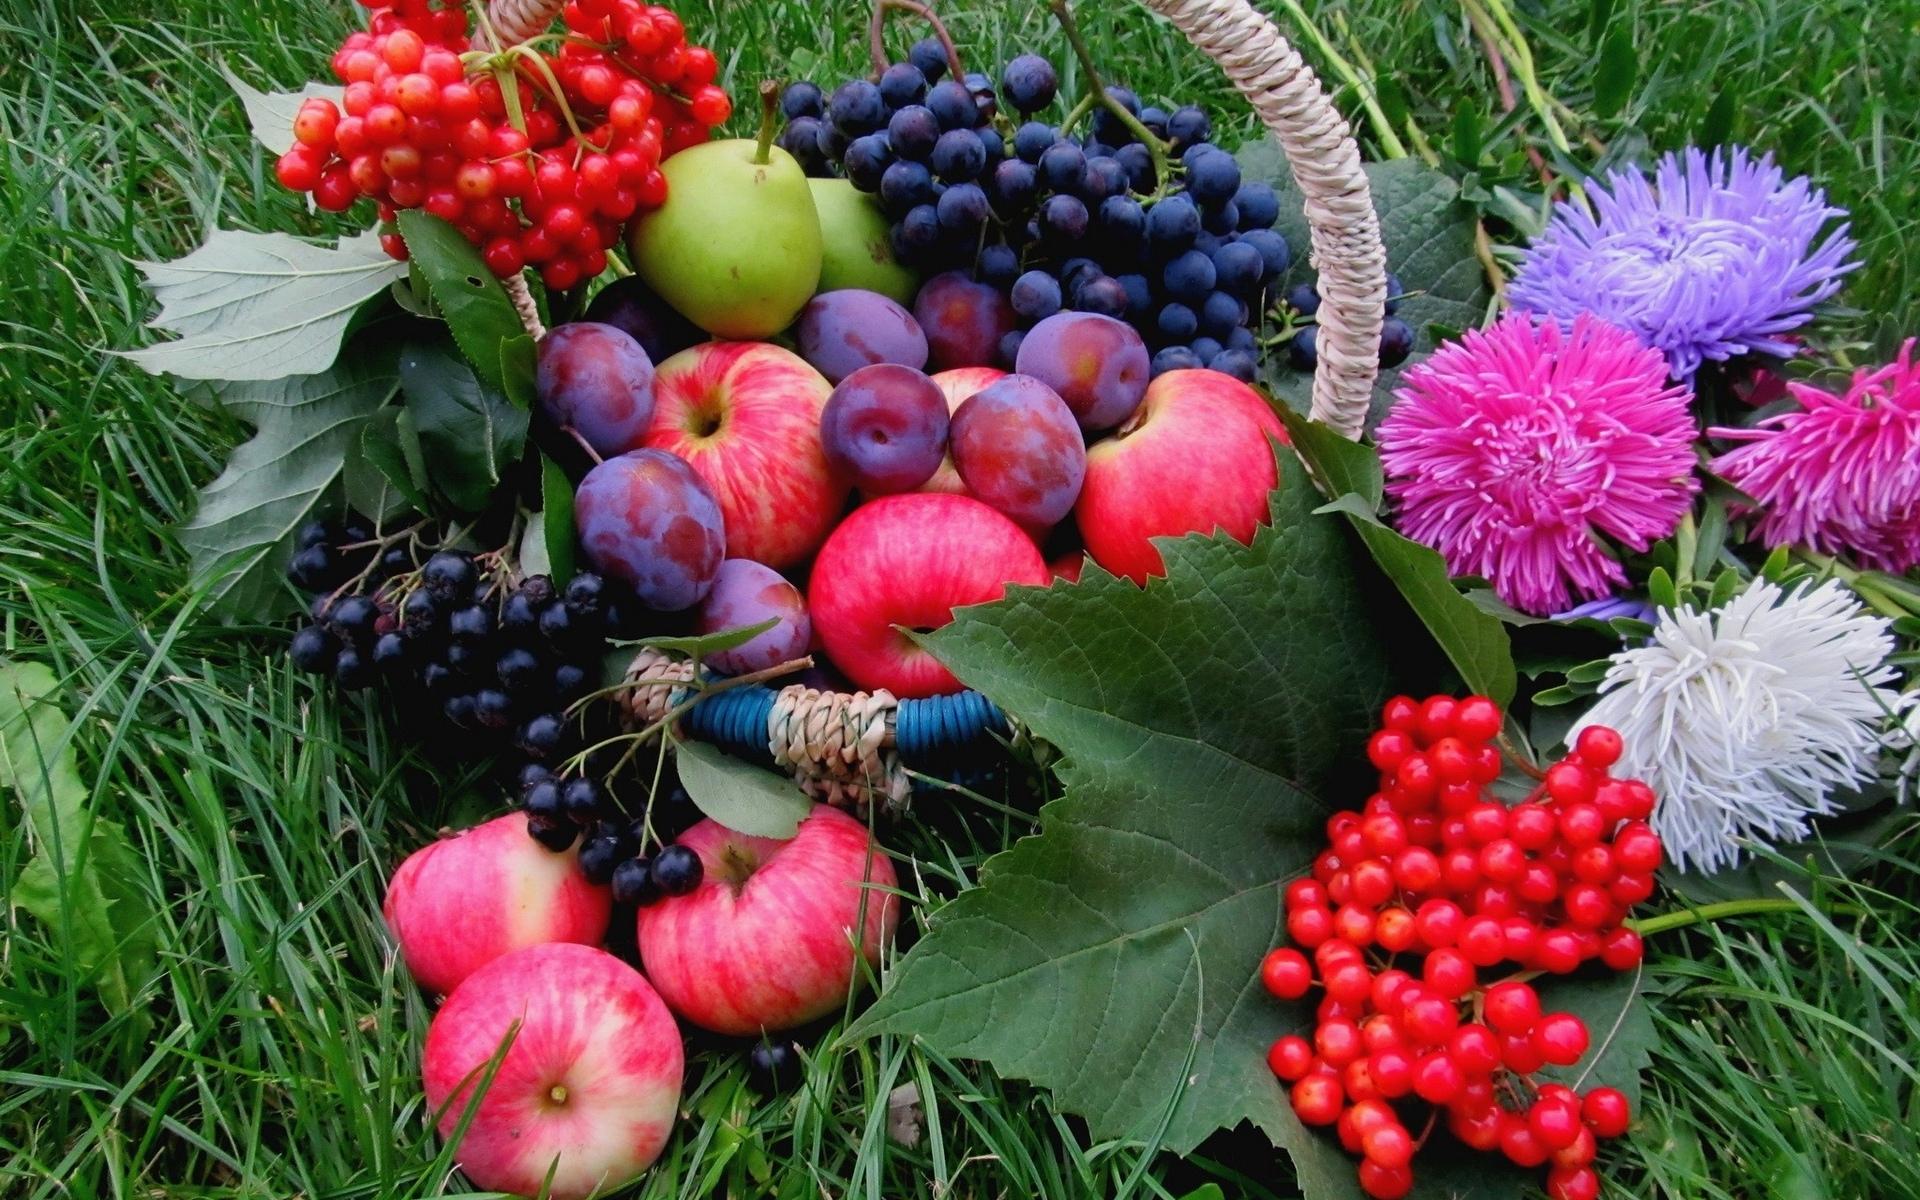 Vegetables fruits flowers wallpaper 1920x1200 67888 WallpaperUP 1920x1200